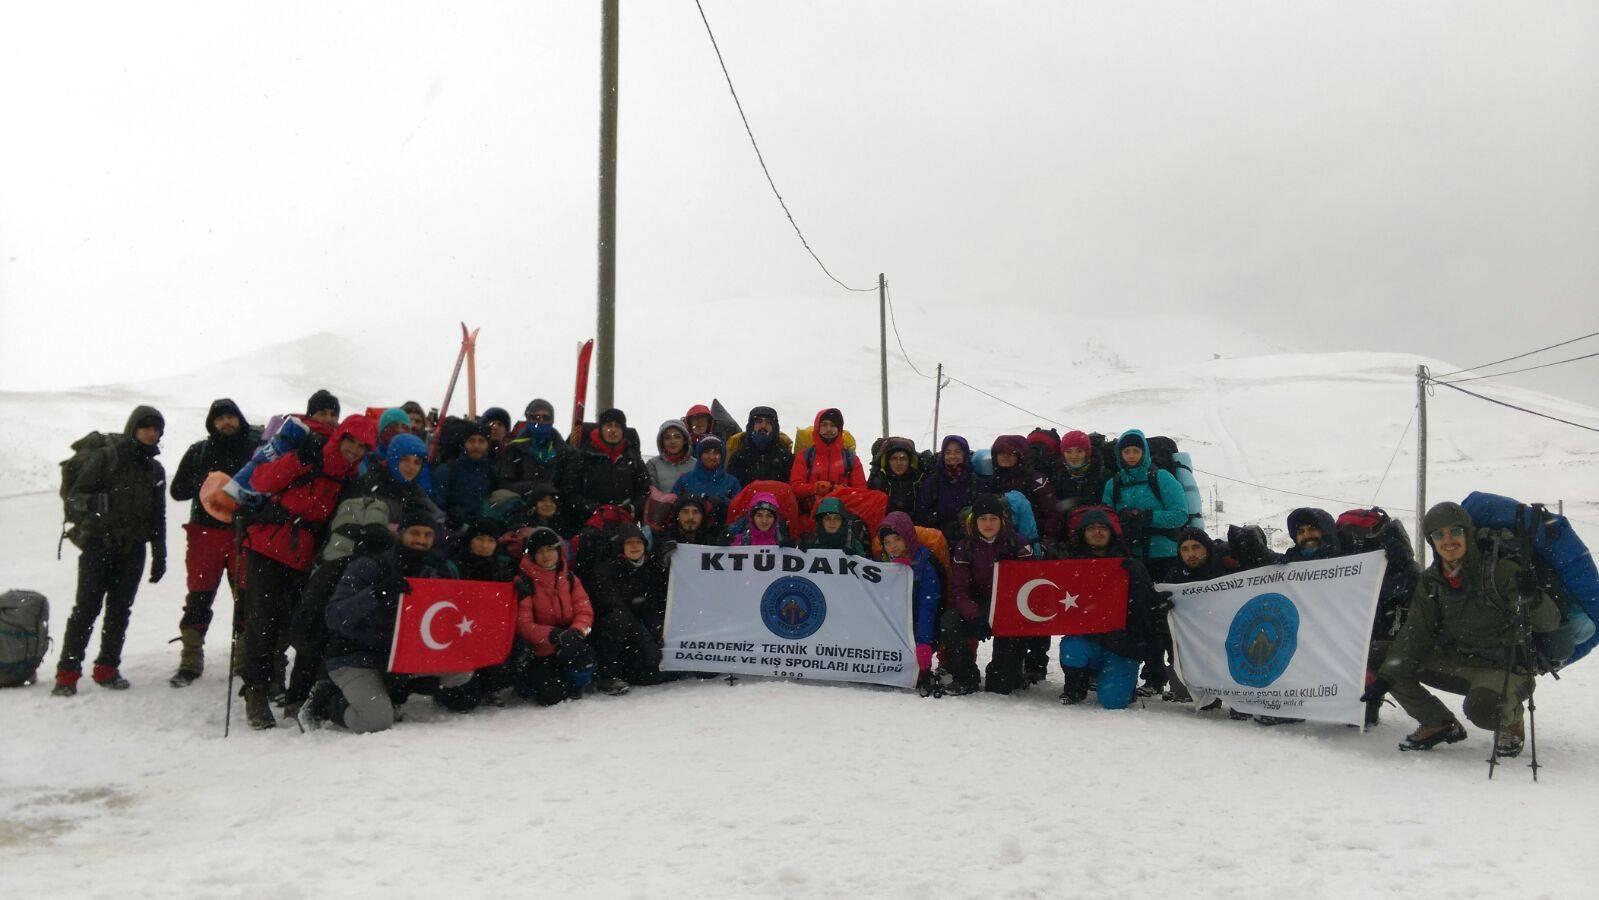 KTÜDAKS Temel-Gelişim-İleri Kış Eğitimleri'ni Zigana Dağı'nda gerçekleştirdi.